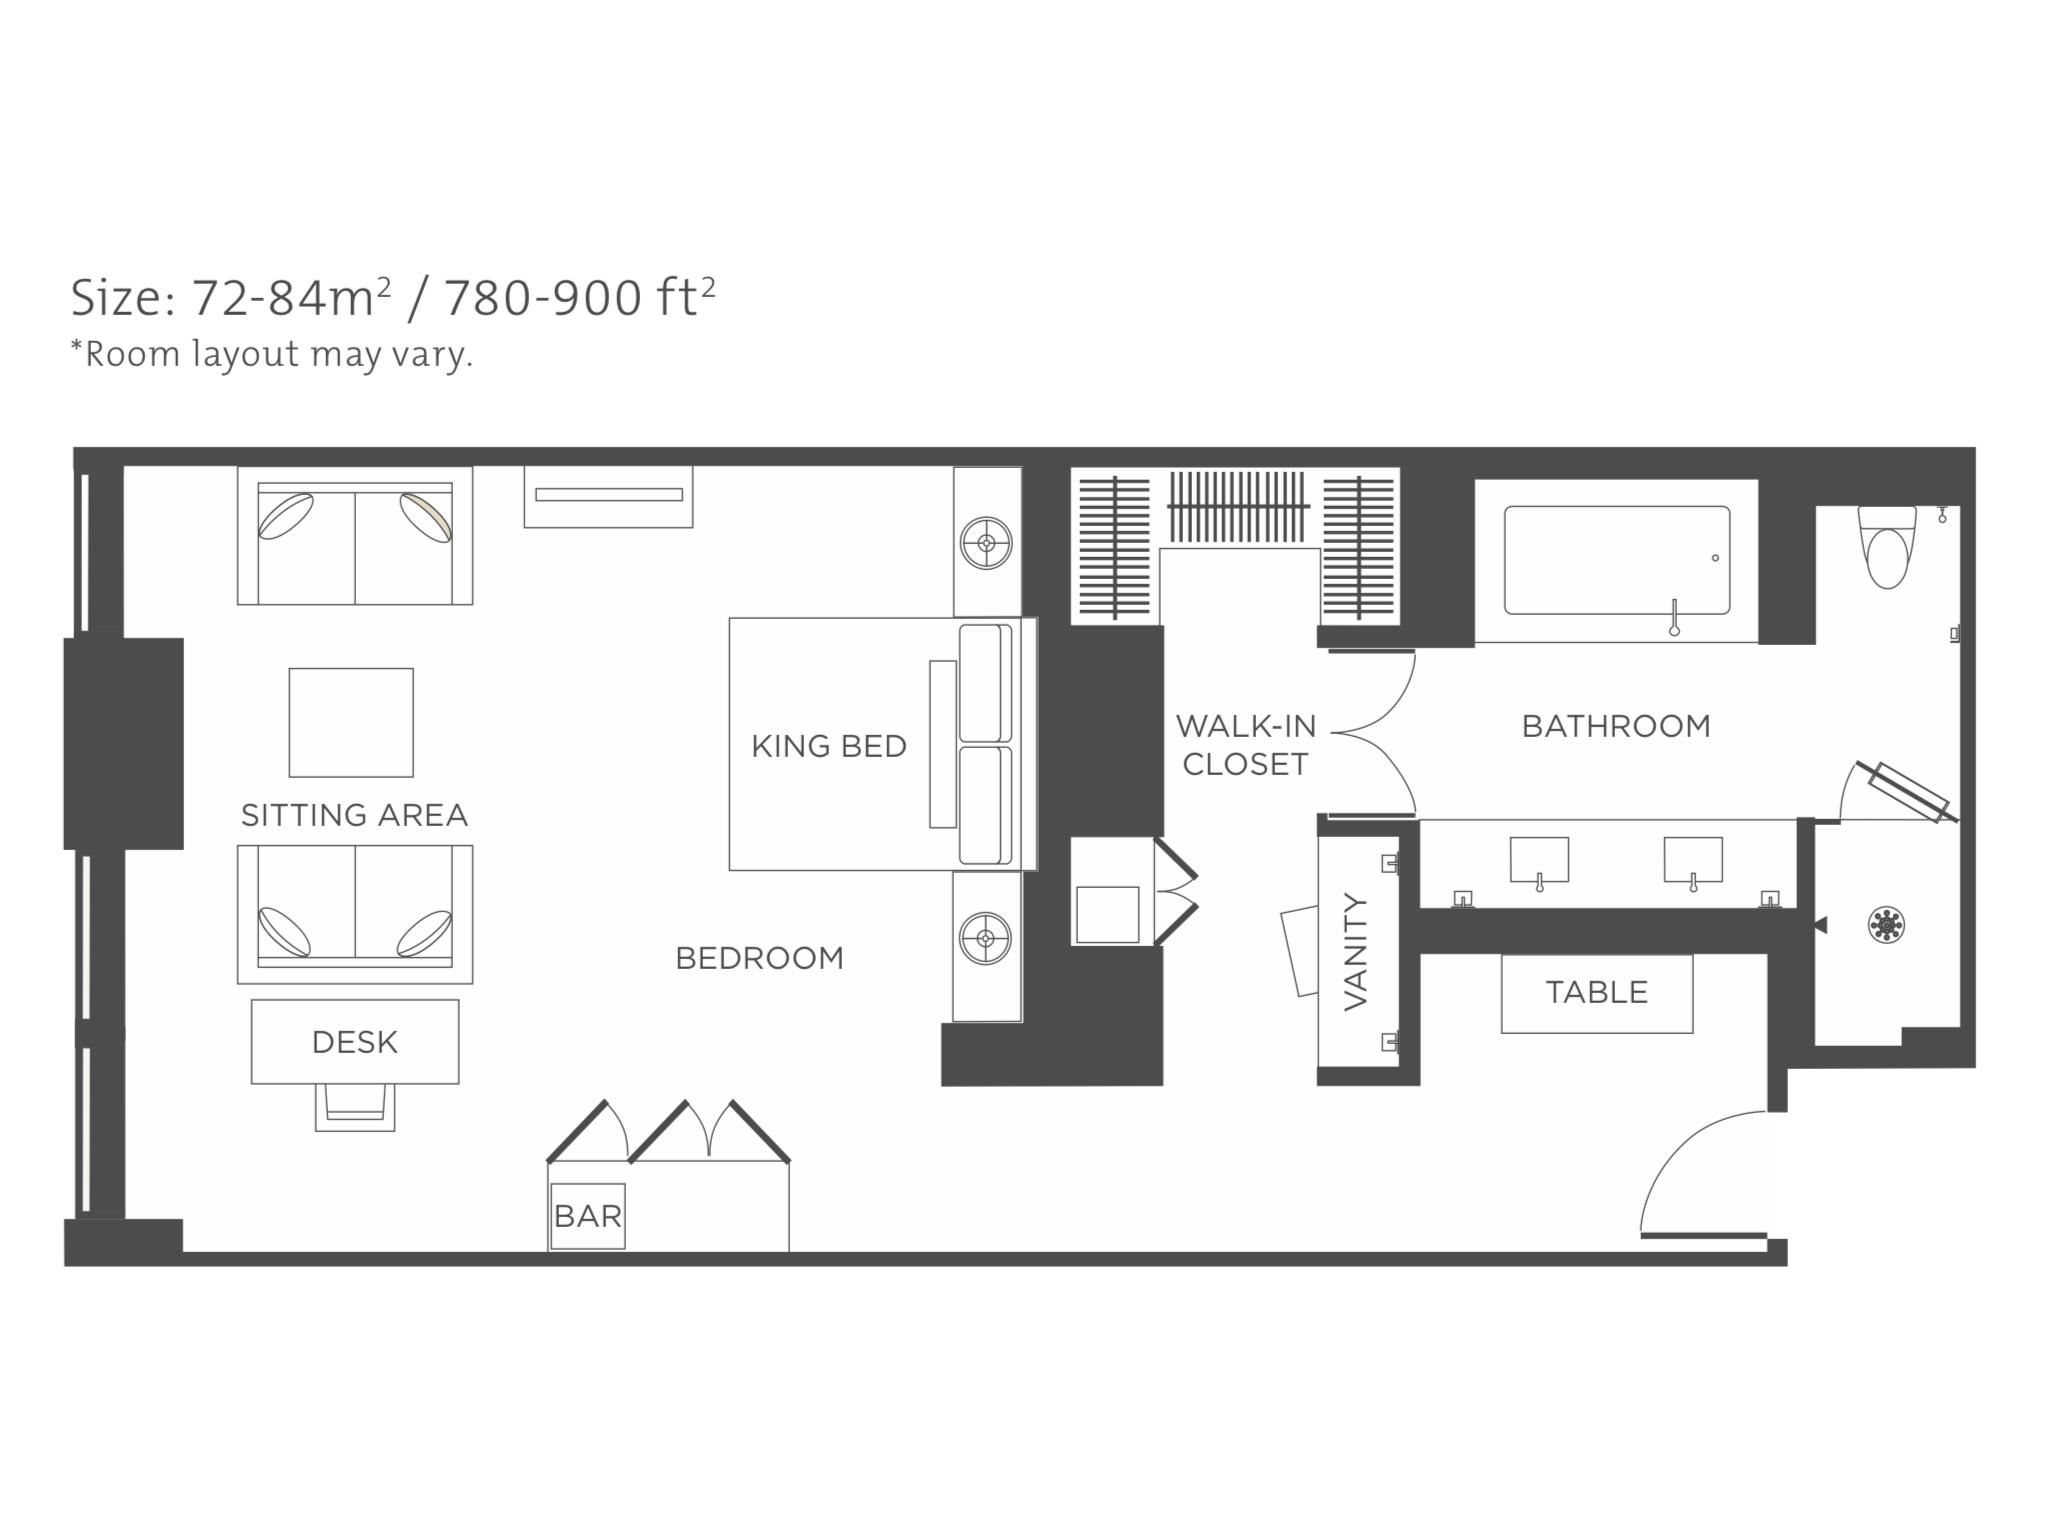 The Langham New York Fifth Avenue Junior Suite In 2020 Hotel Floor Plan Hotel Floor Room Layout